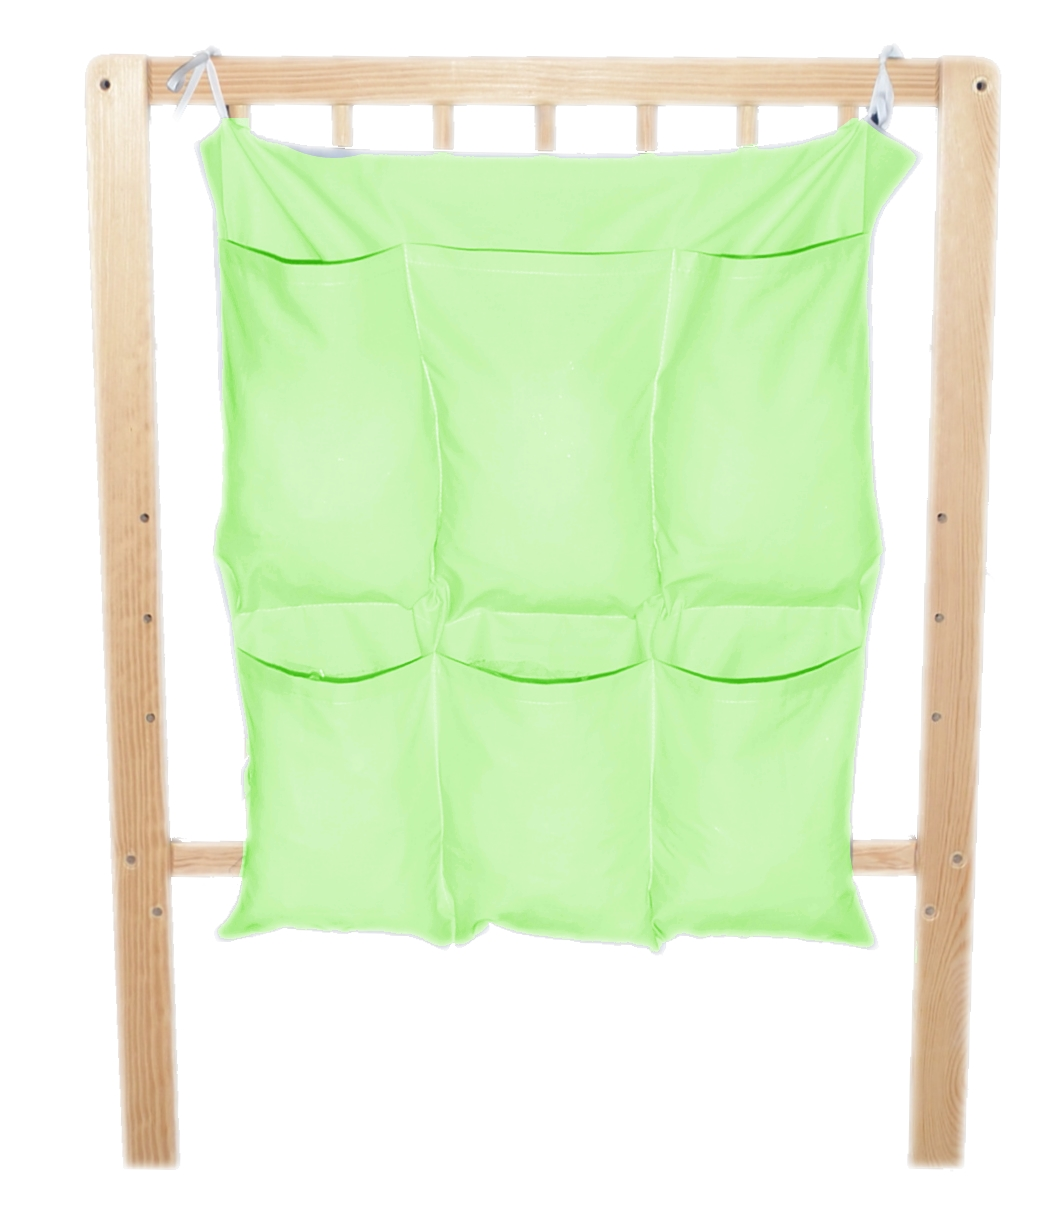 Bavlněný kapsář na postýlku - jednobarevný zelený (NA OBJEDNÁVKU)